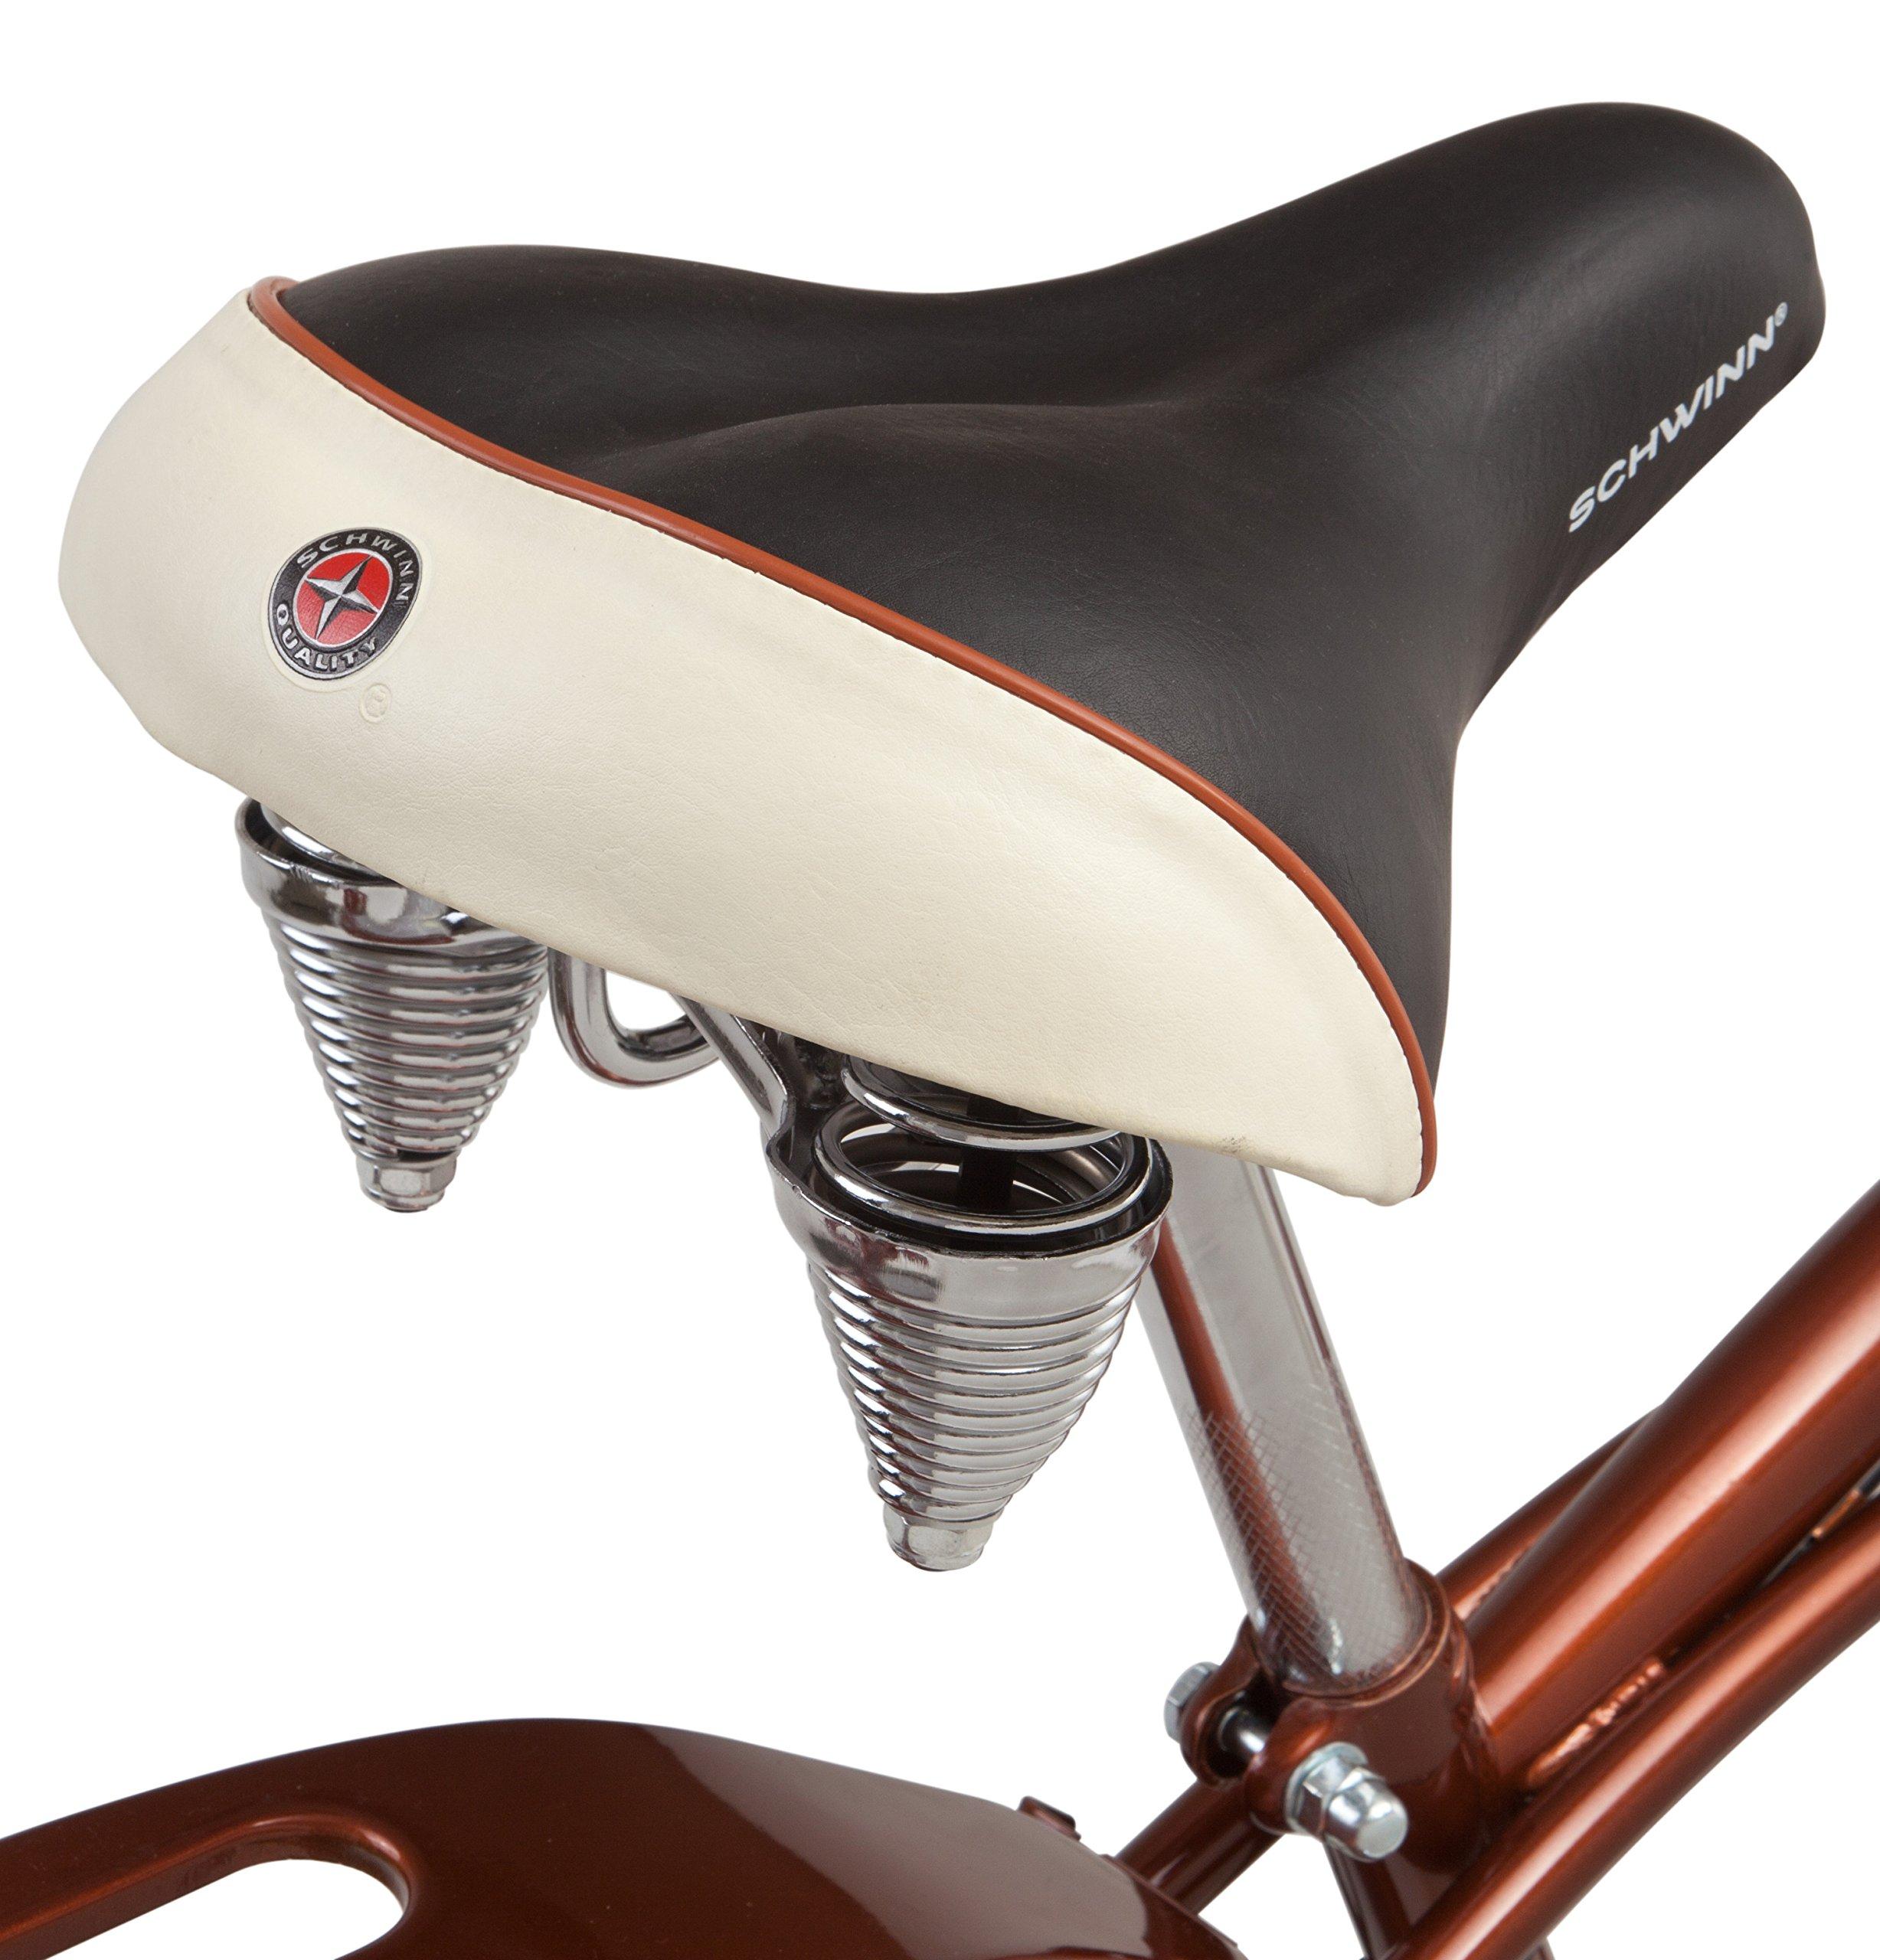 Schwinn Men's Sanctuary 7-Speed Cruiser Bicycle (26-Inch Wheels), Cream/Copper, 18 -Inch by Schwinn (Image #7)